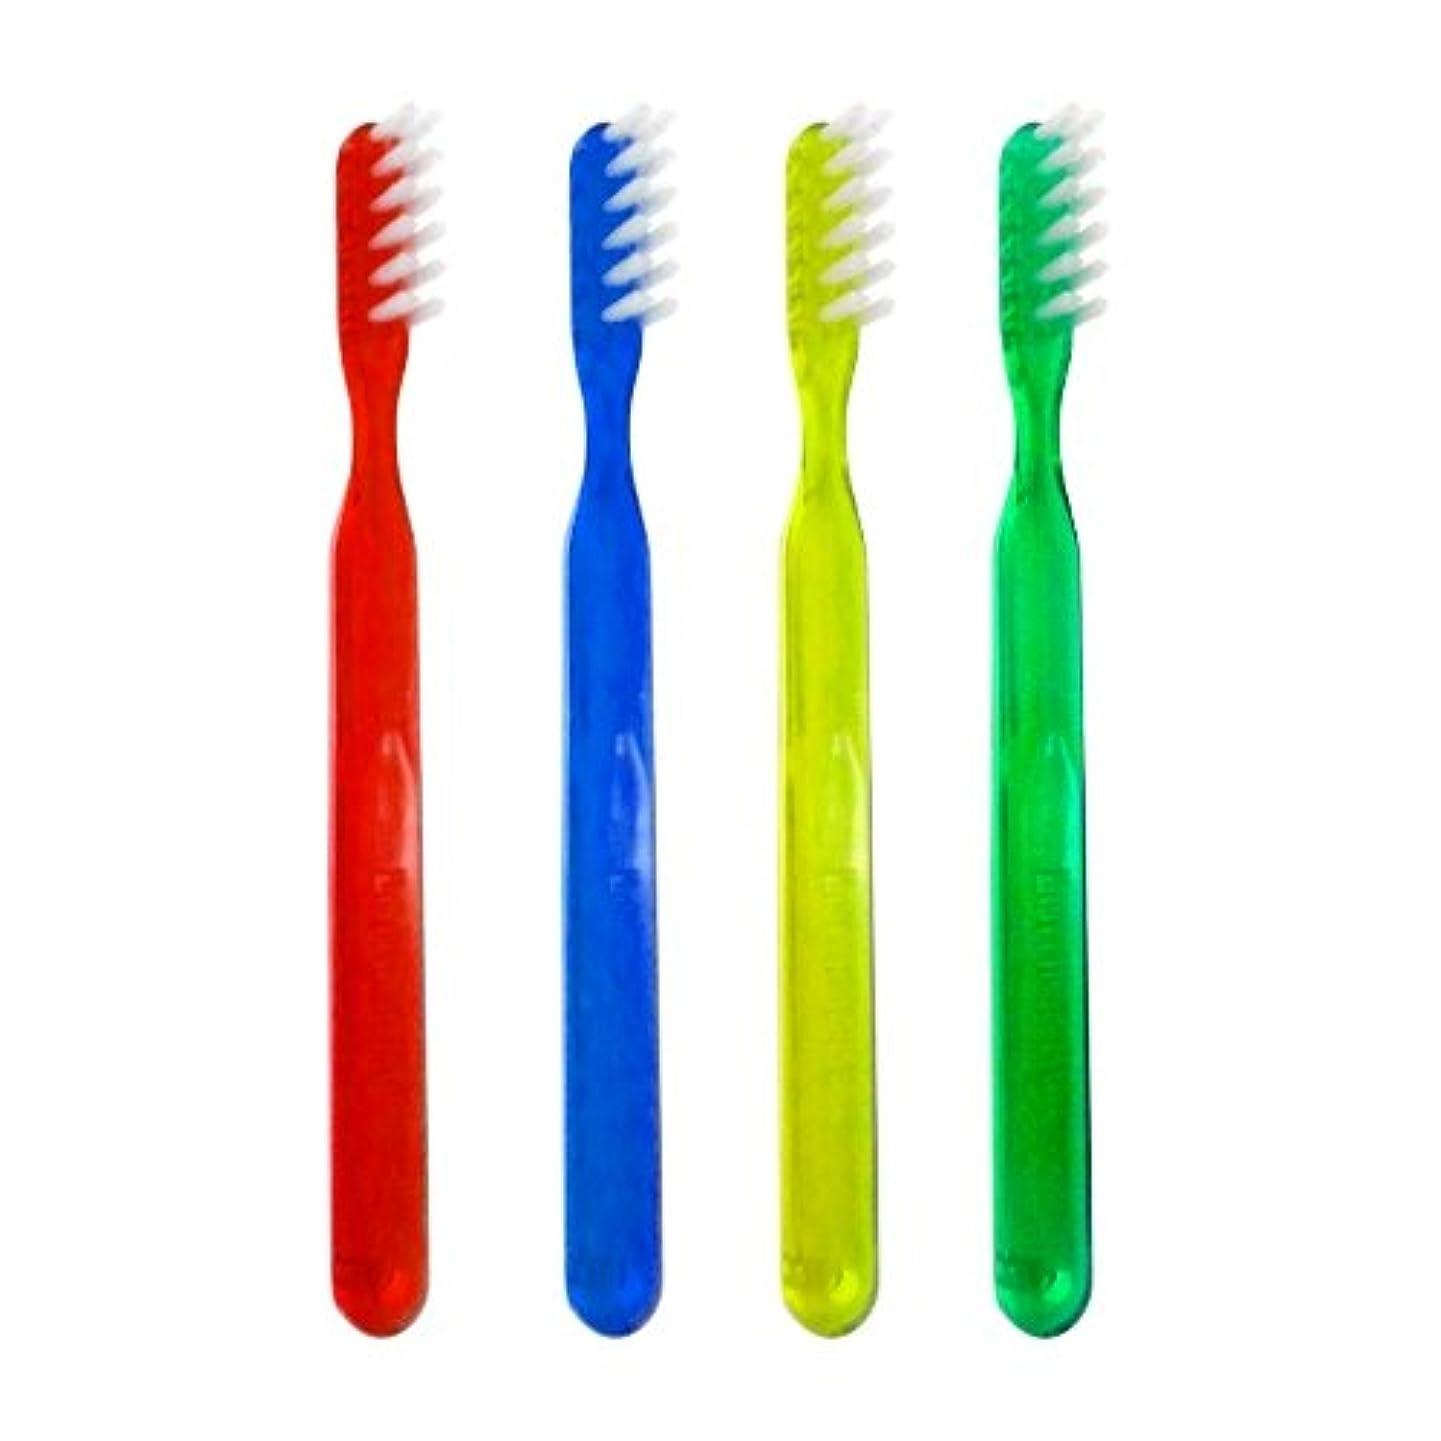 関税利用可能定期的ヘレウス ルミデント 歯ブラシ 1本 ローリングH